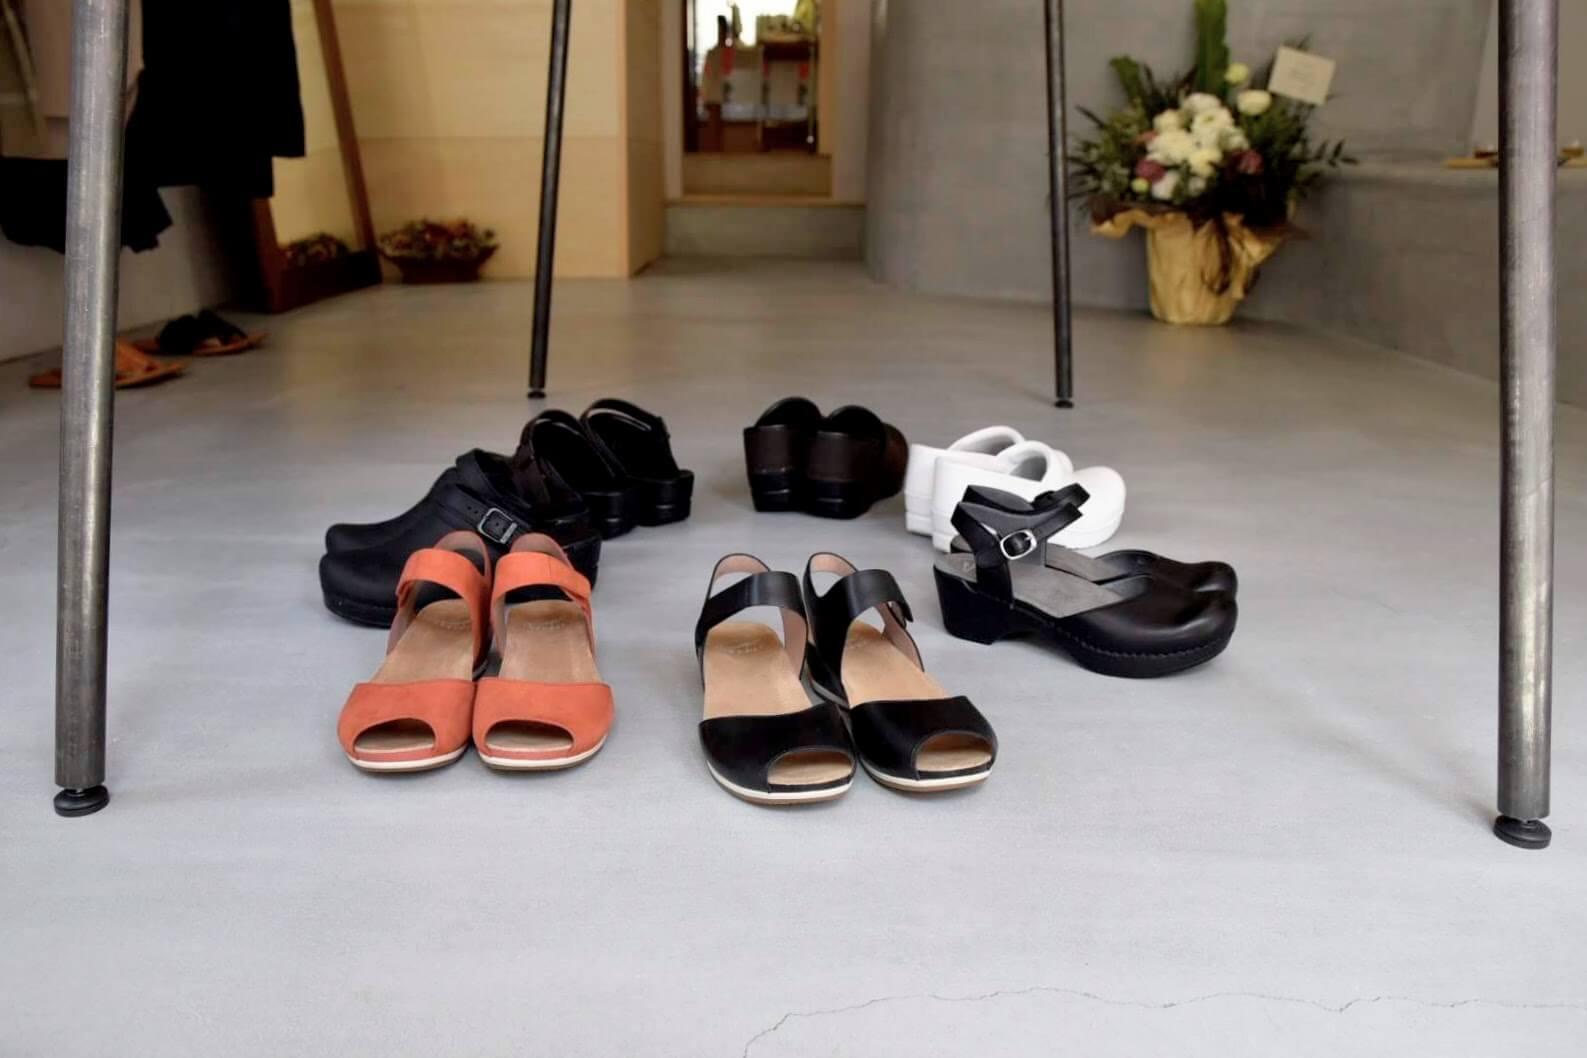 吉田装店(ヨシダショウテン)の靴